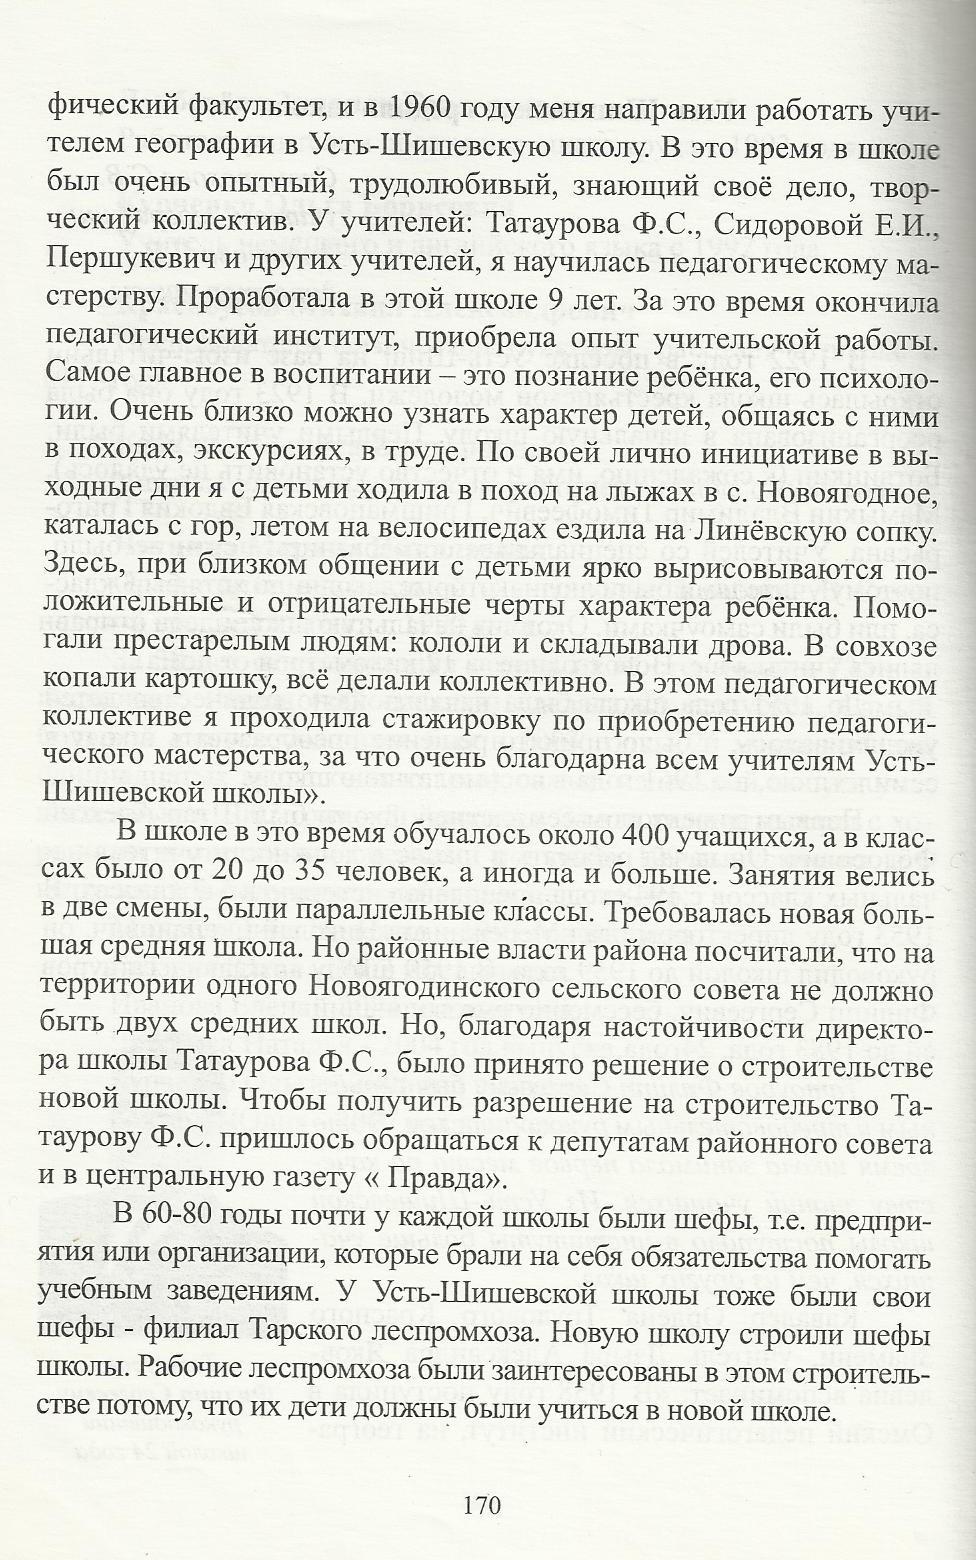 C:\Users\Иван\Pictures\2012-01-14 к\к 003.jpg